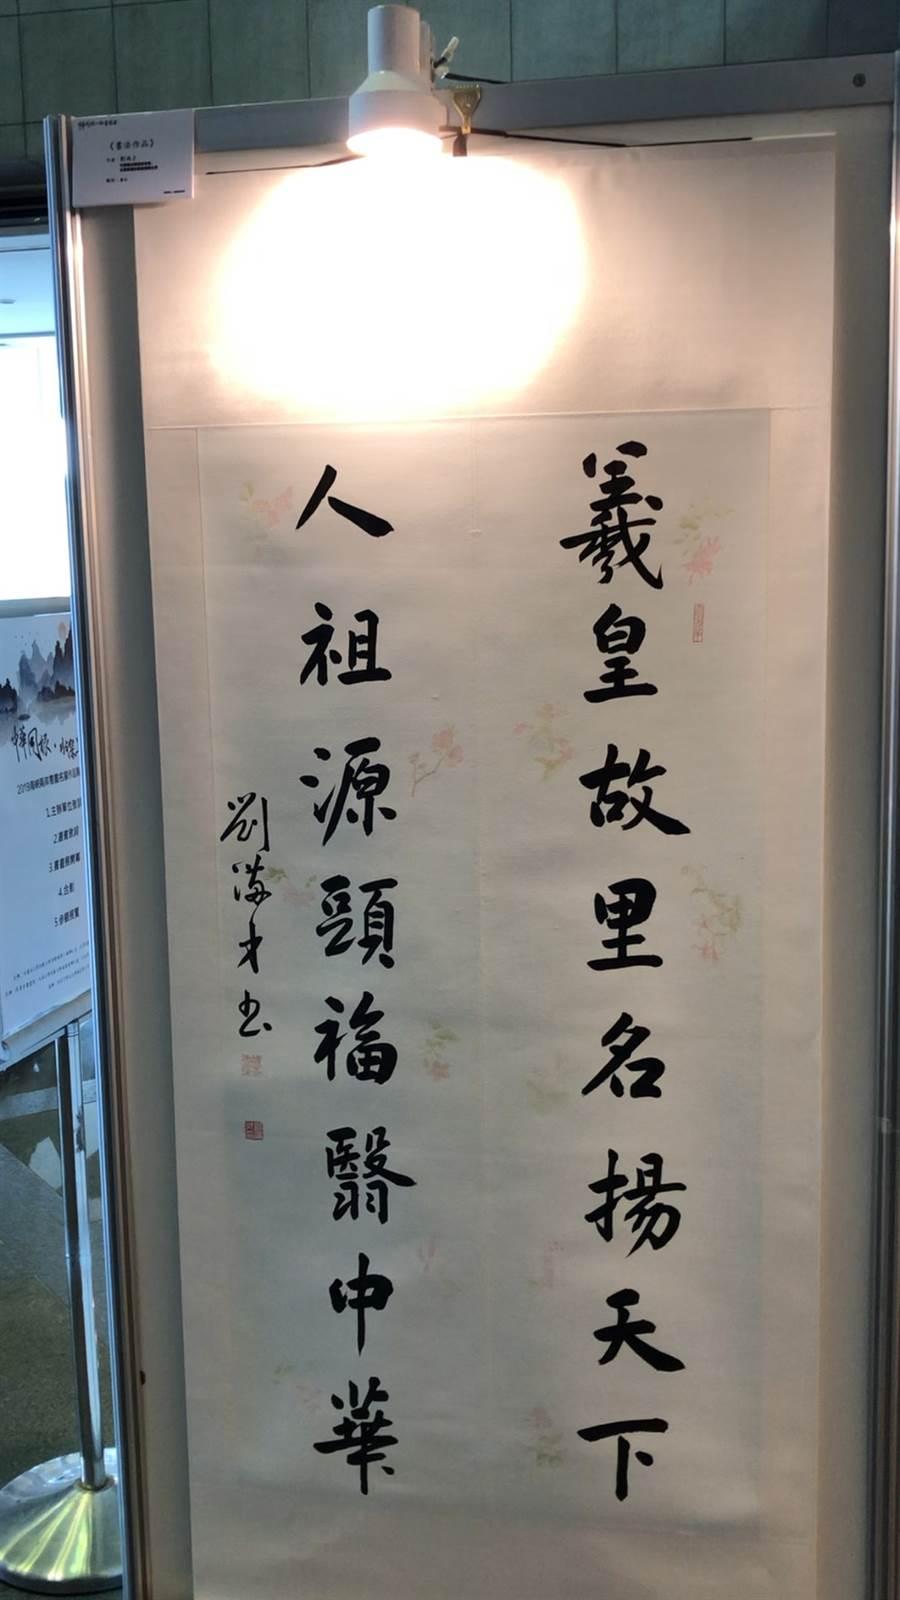 《書法作品》劉滿才 / 中國書法家協會會員,甘肅省書法家協會副主席